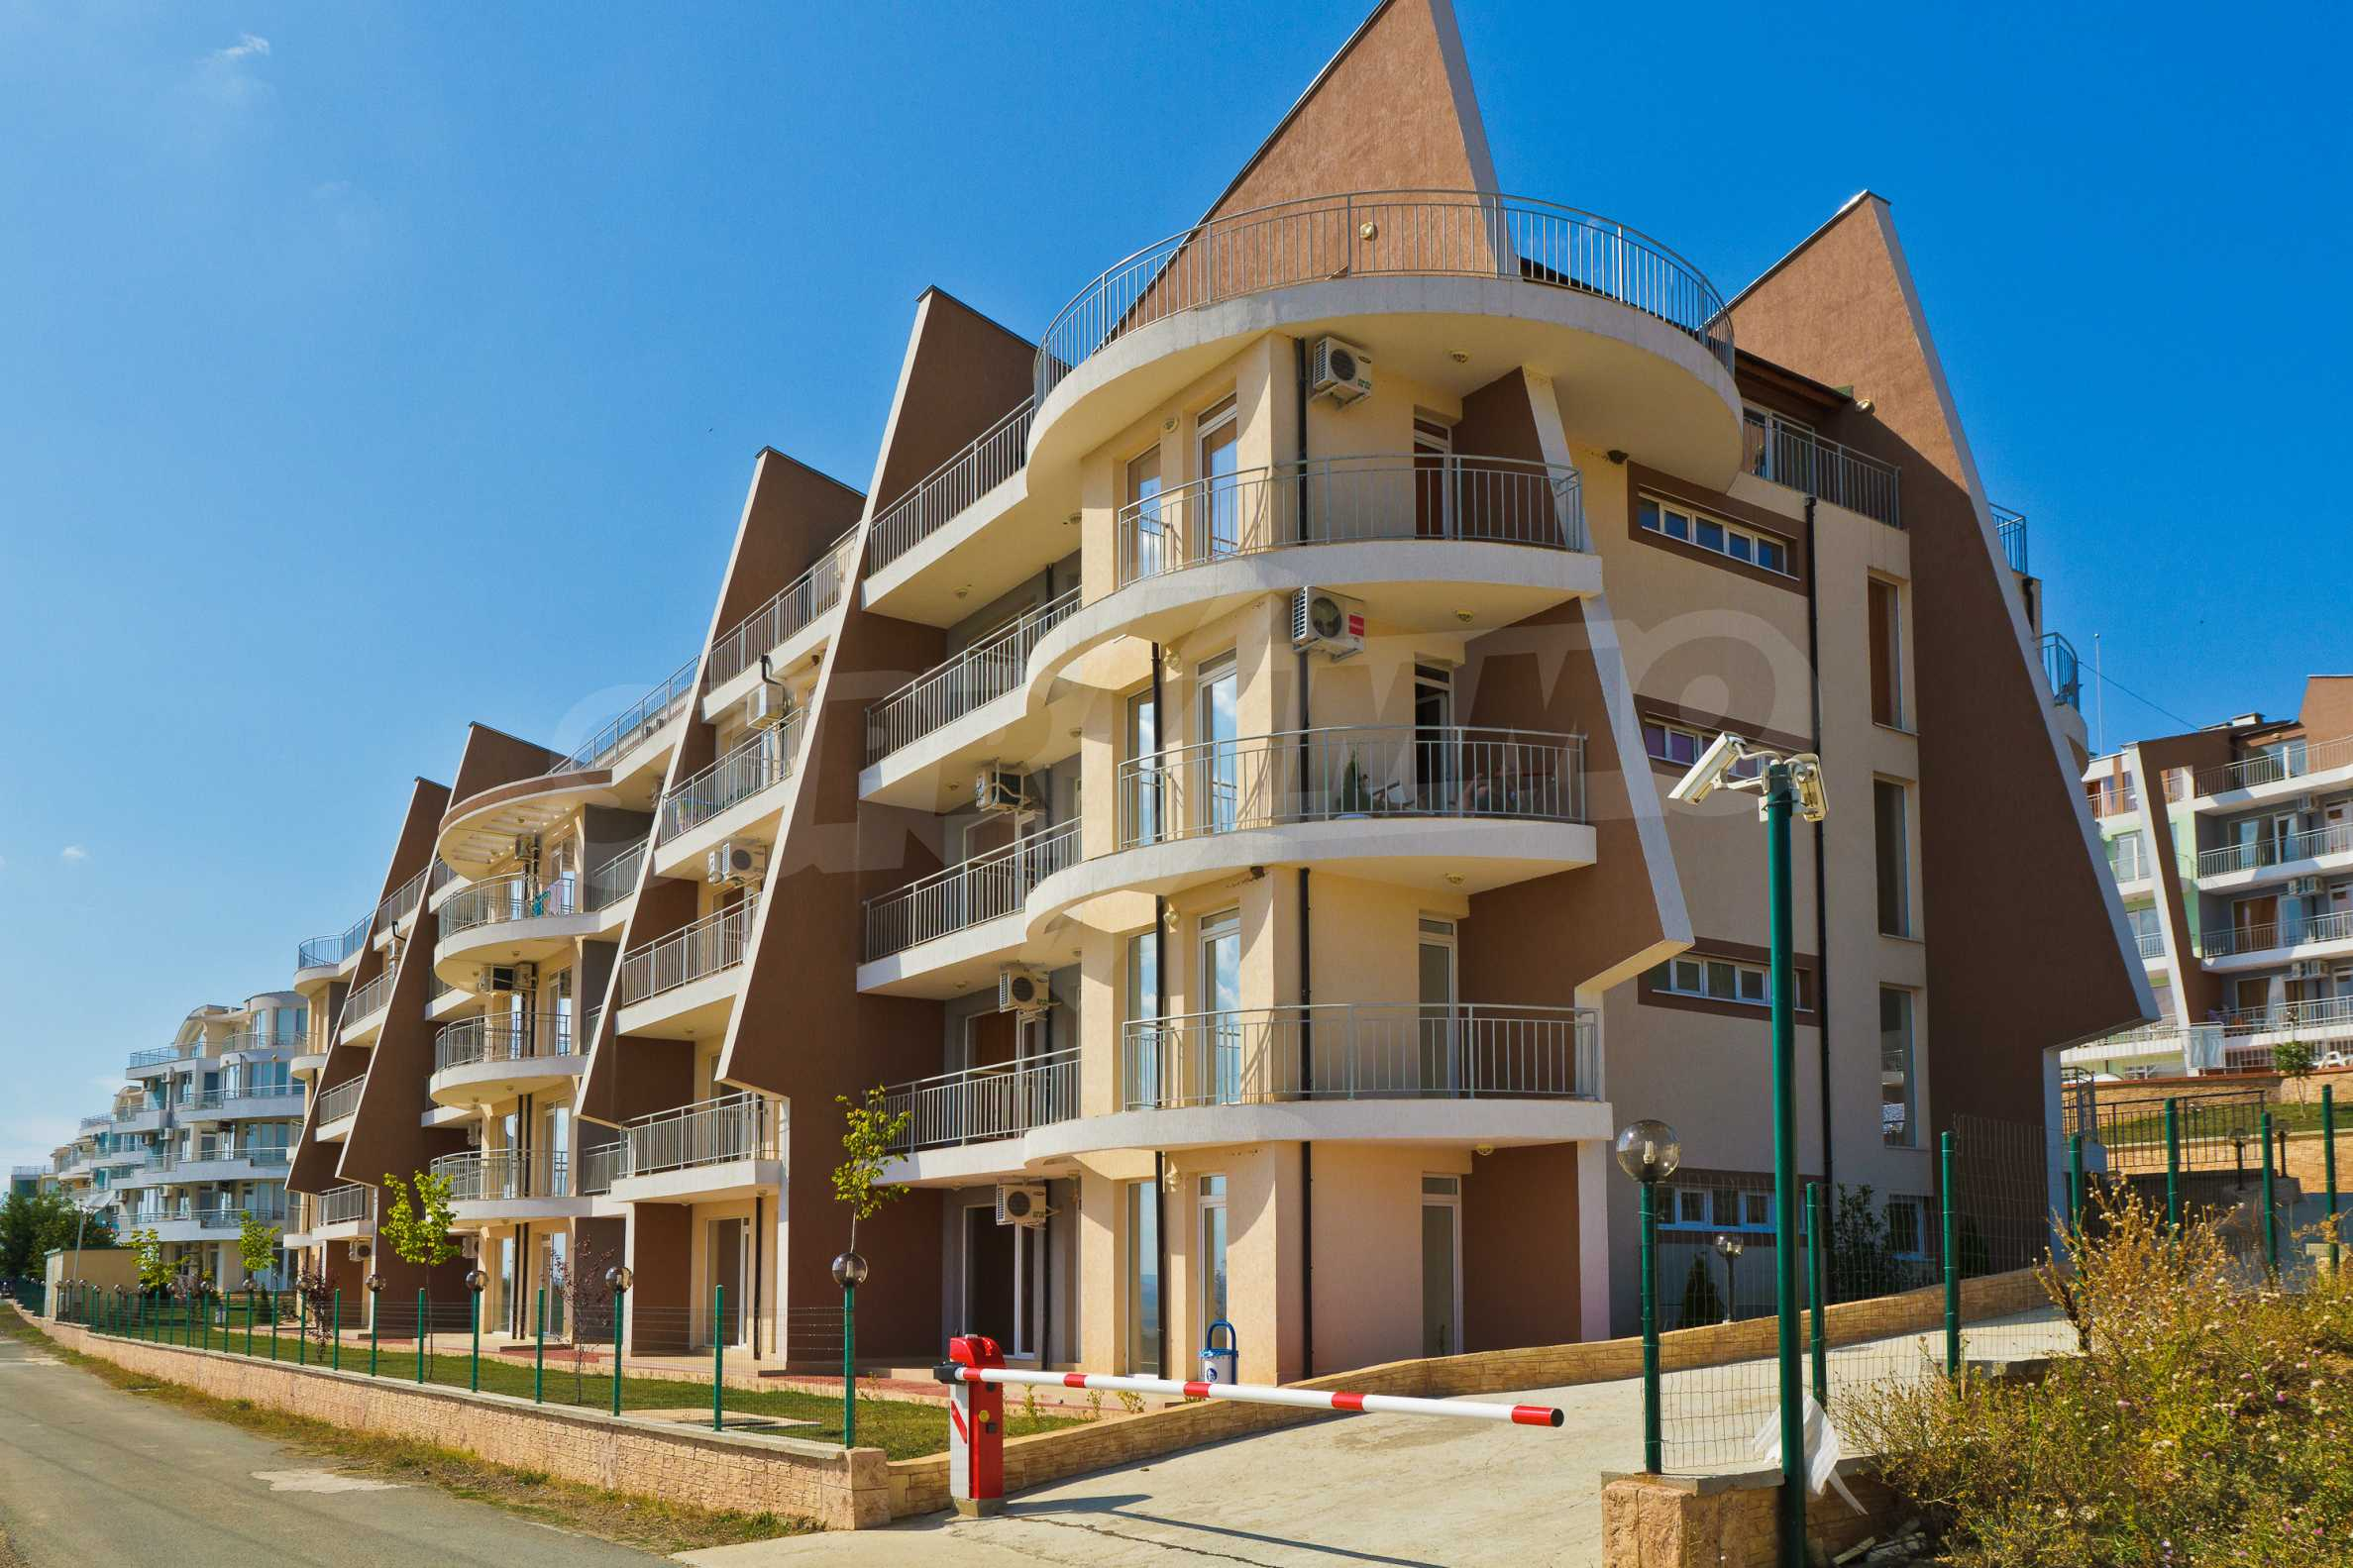 Sunset Kosharitsa - Apartments in einem attraktiven Berg- und Seekomplex, 5 Autominuten vom Sonnenstrand entfernt 33